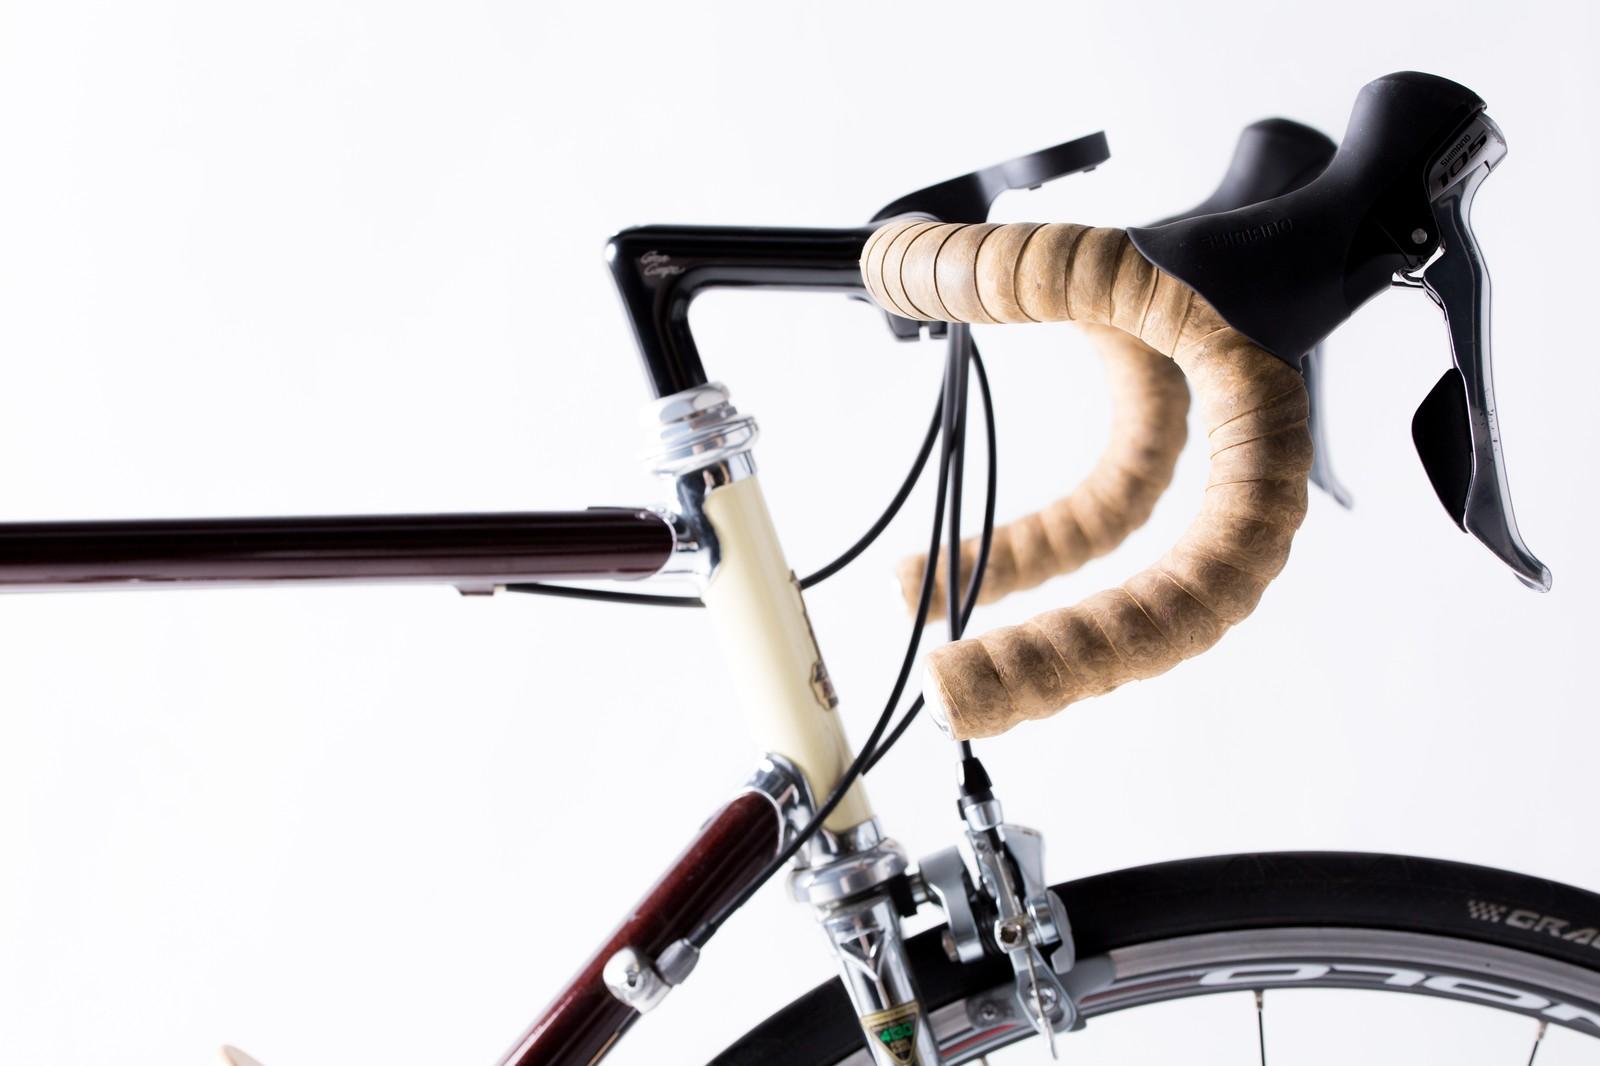 シングルスピードの自転車が欲しい!自転車欲しい問題 その1